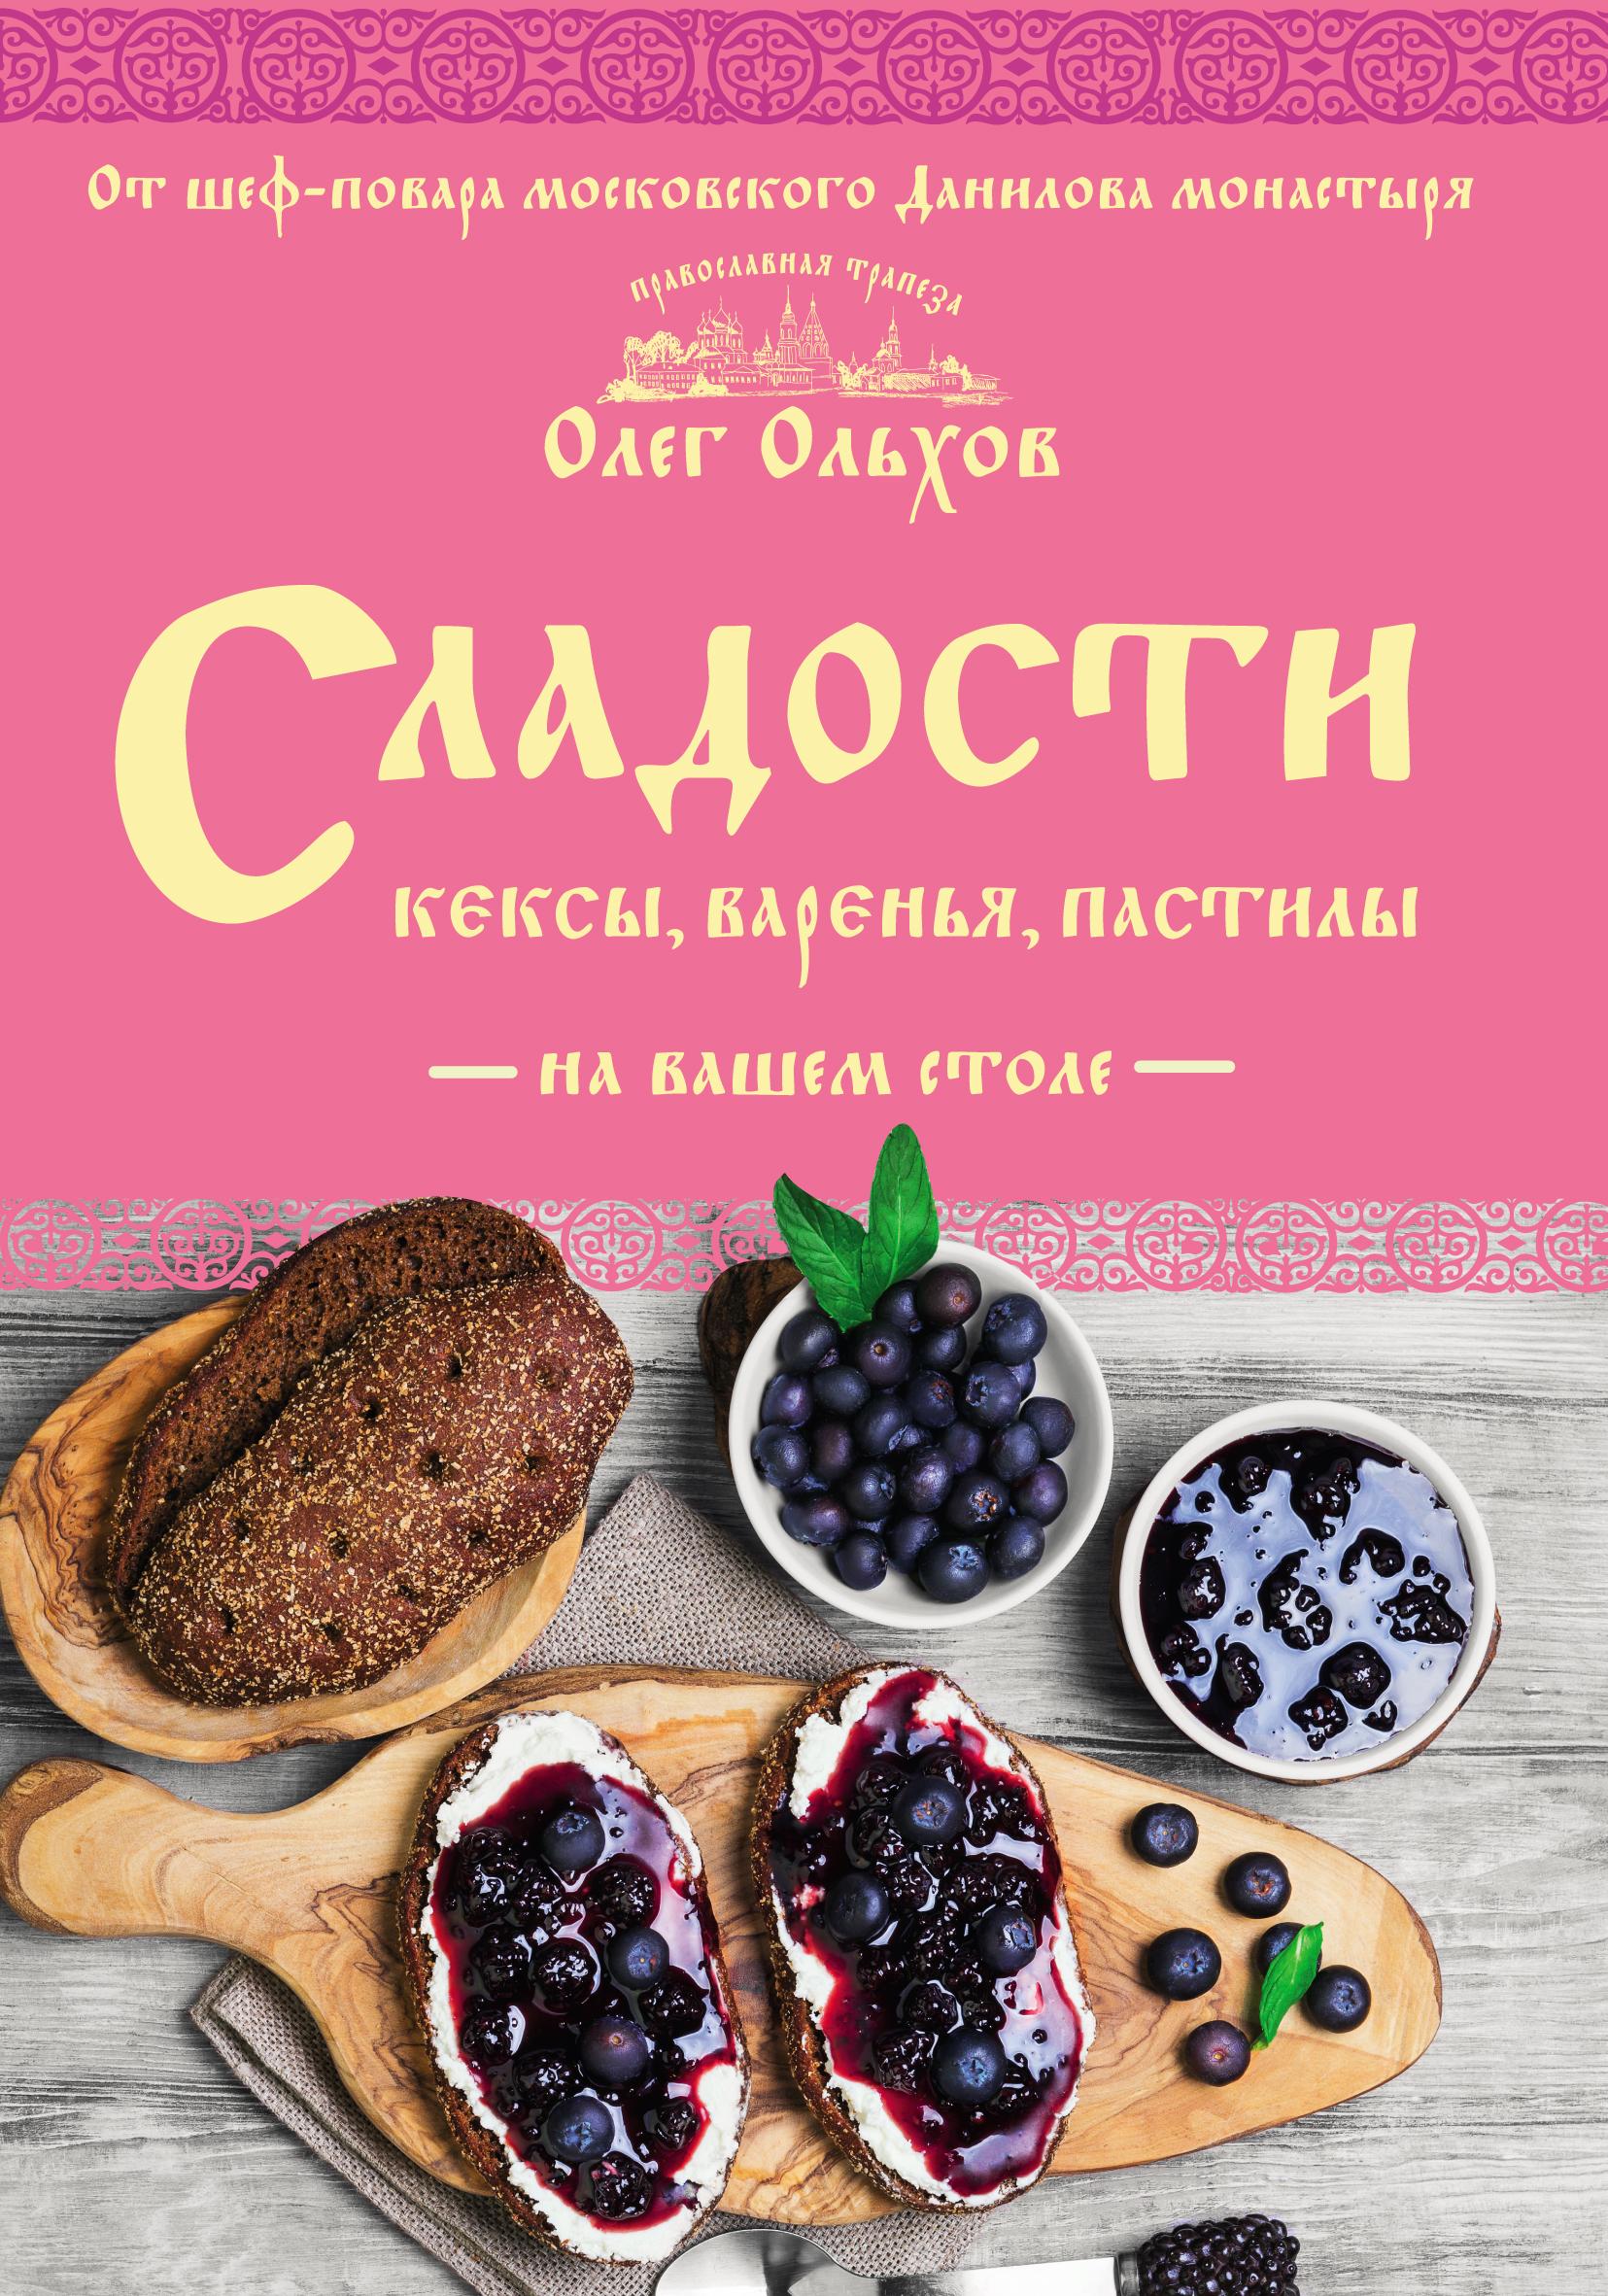 Олег Ольхов Сладости на вашем столе. Кексы, варенья, пастилы ольхов о овощи на вашем столе